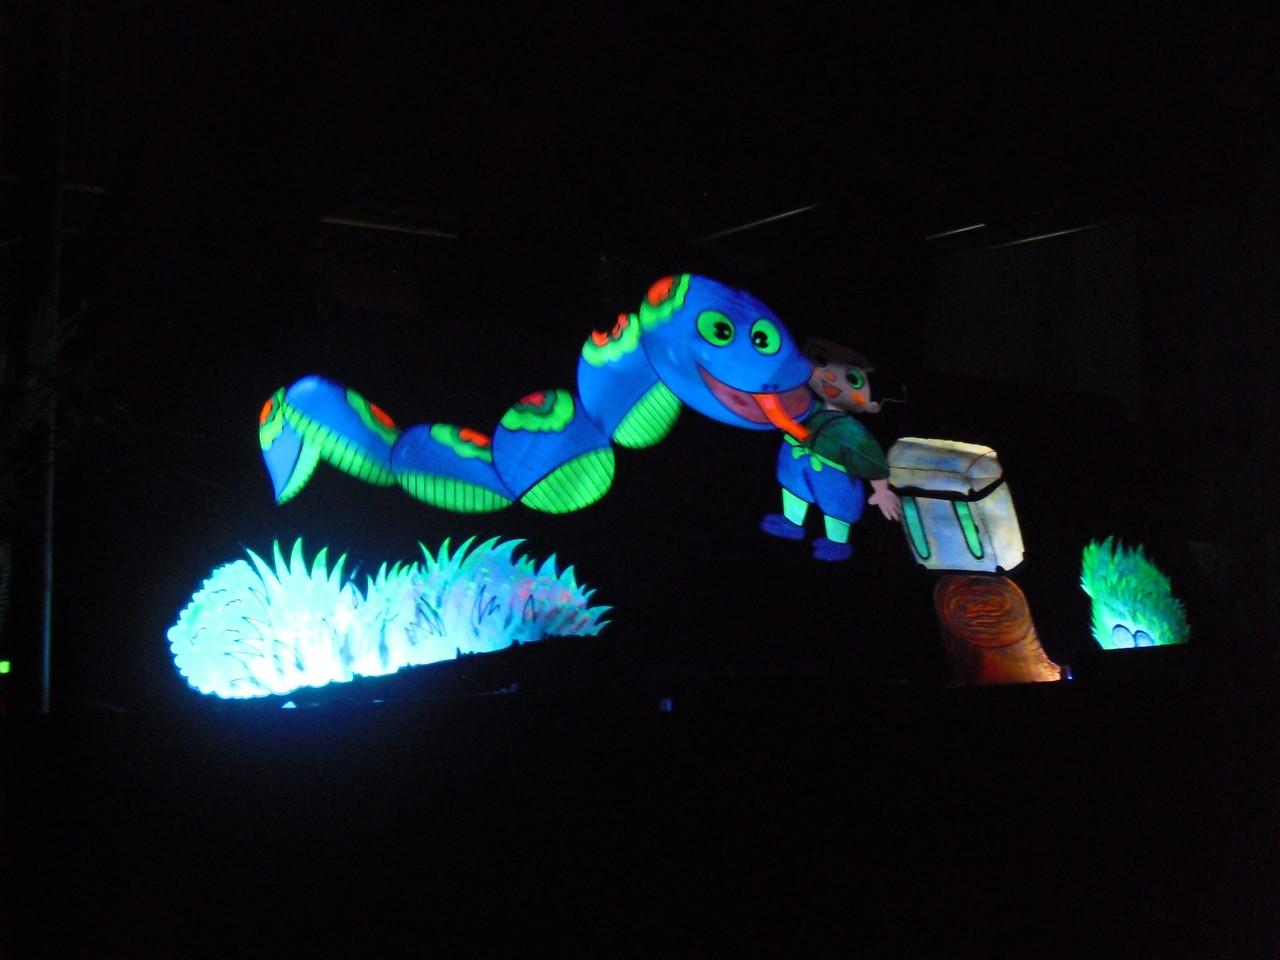 では、クライマックスのブラックライトシアター「たのきゅうと大蛇」です!